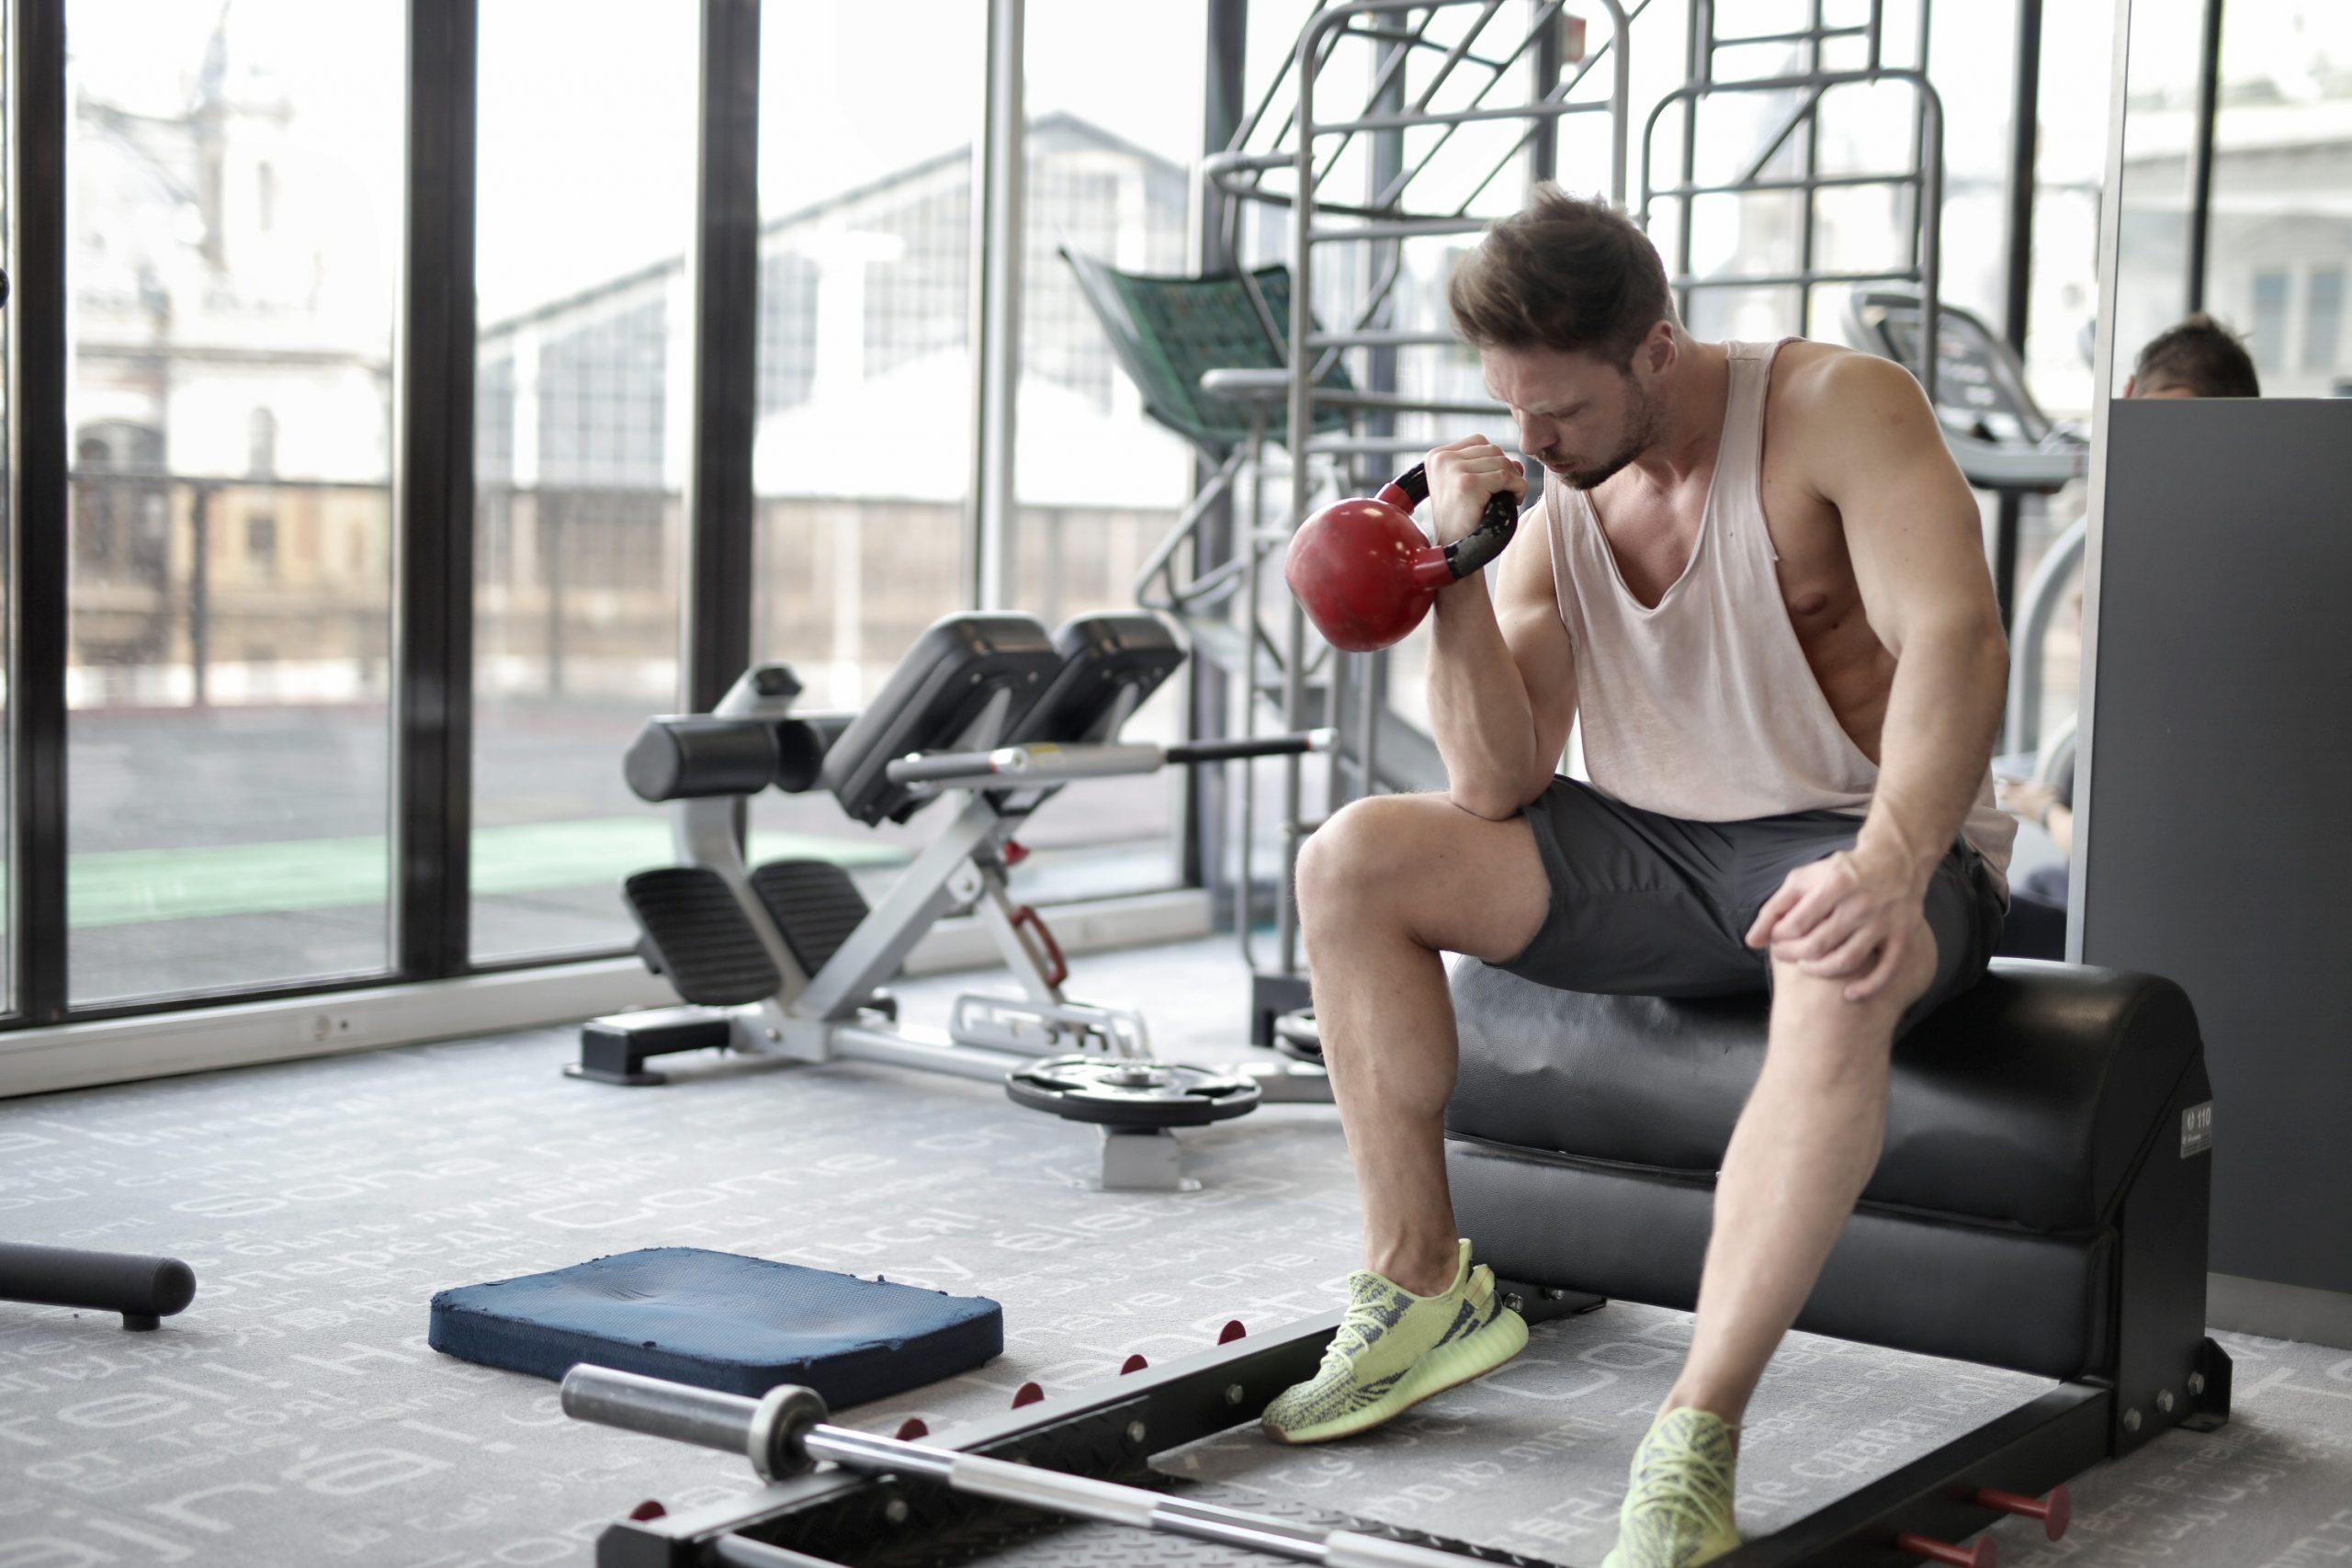 Homem sentado na academia levantando um kettlebell